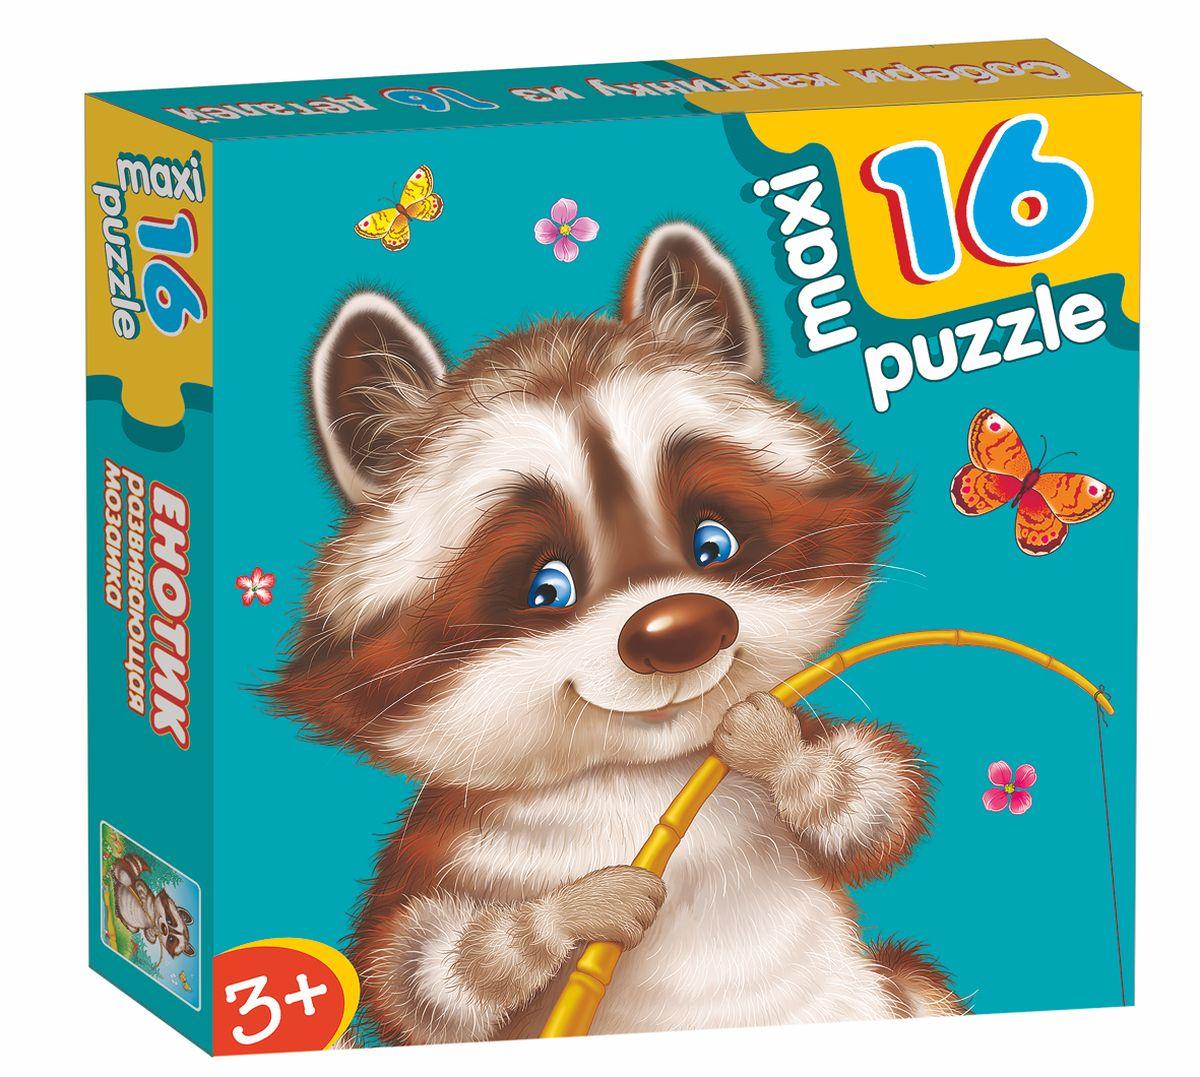 Дрофа-Медиа Пазл для малышей Енотик 2395 дрофа медиа пазл для малышей играй и собирай 4 в 1 2938